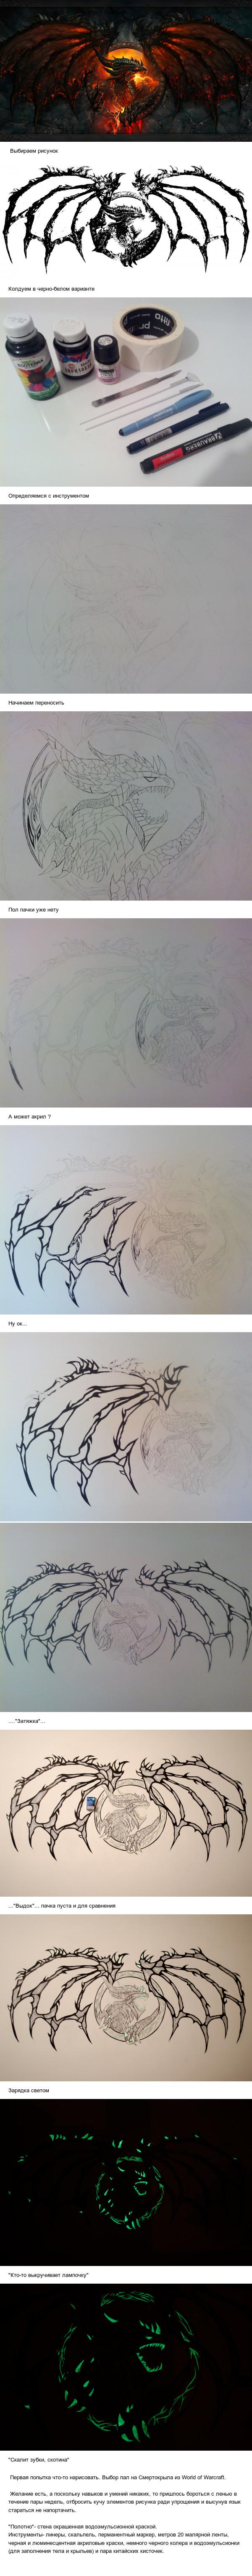 Дракон курильщика Рисунок, World of Warcraft, Смертокрыл, Творчество, Акрил, Ясдеаль, Длиннопост, Картинки